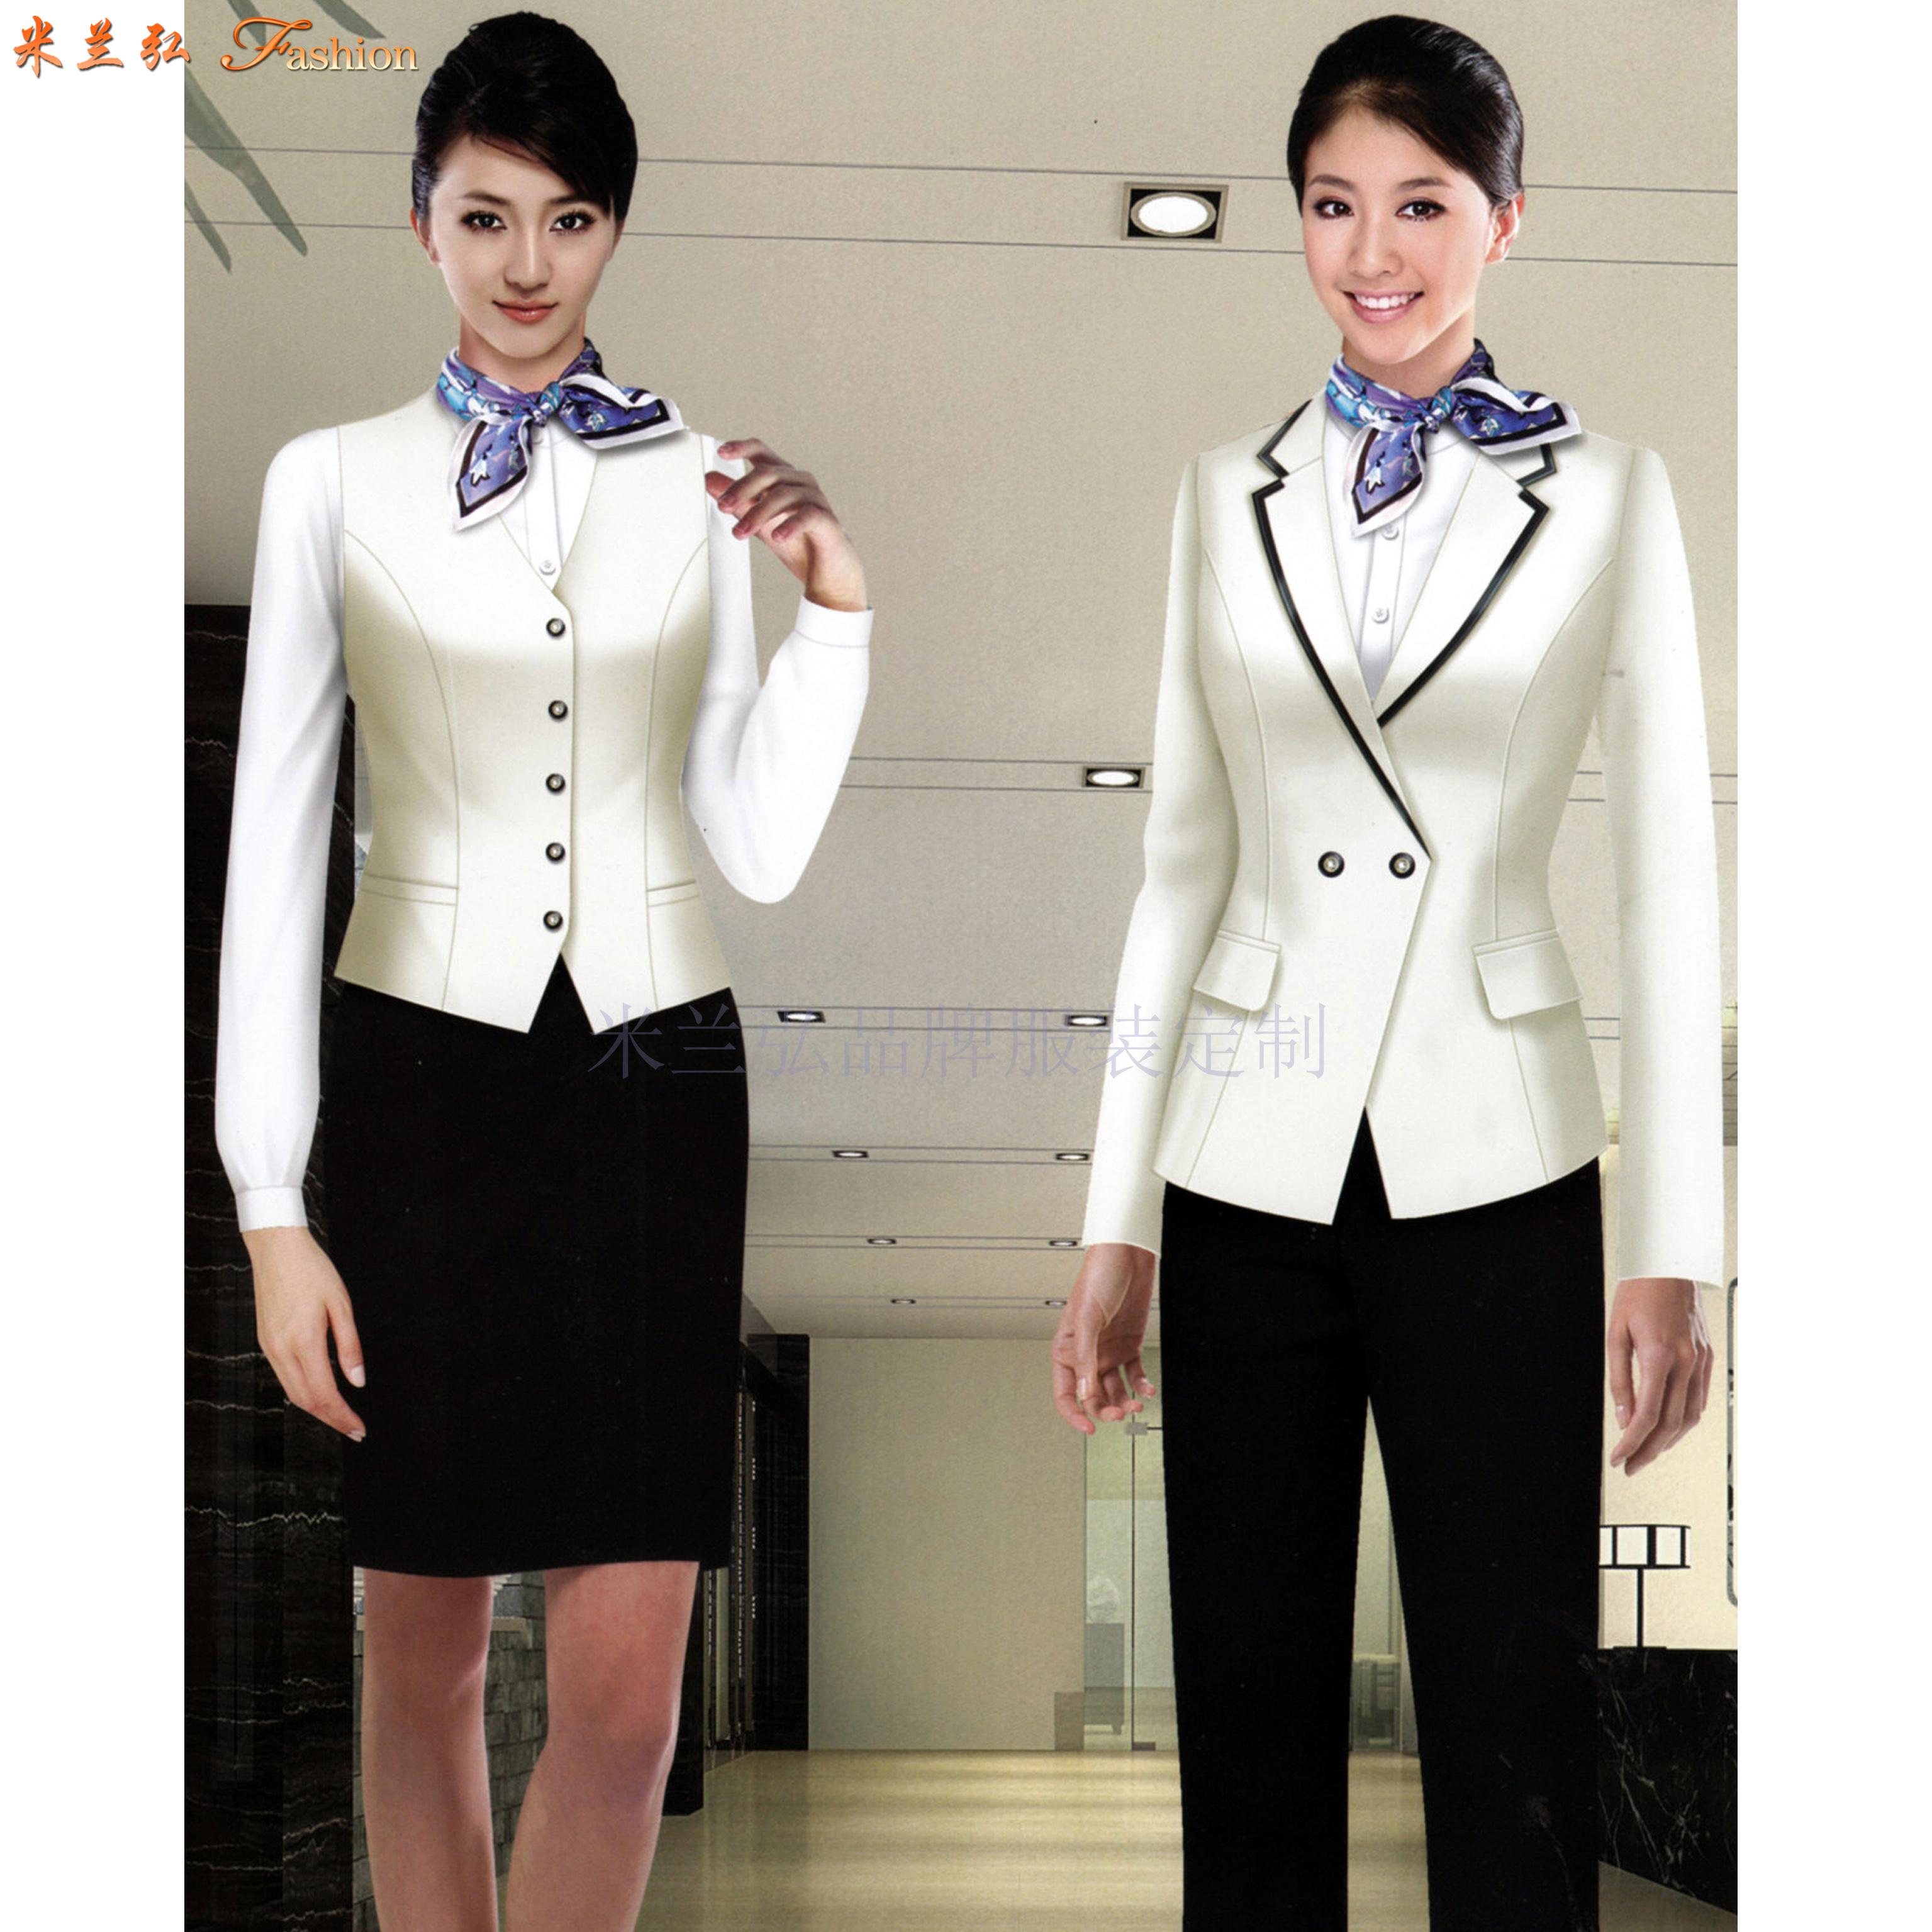 京津冀公司職業裝定制-選擇潮流時尚的正裝職業裝公司-米蘭弘-2